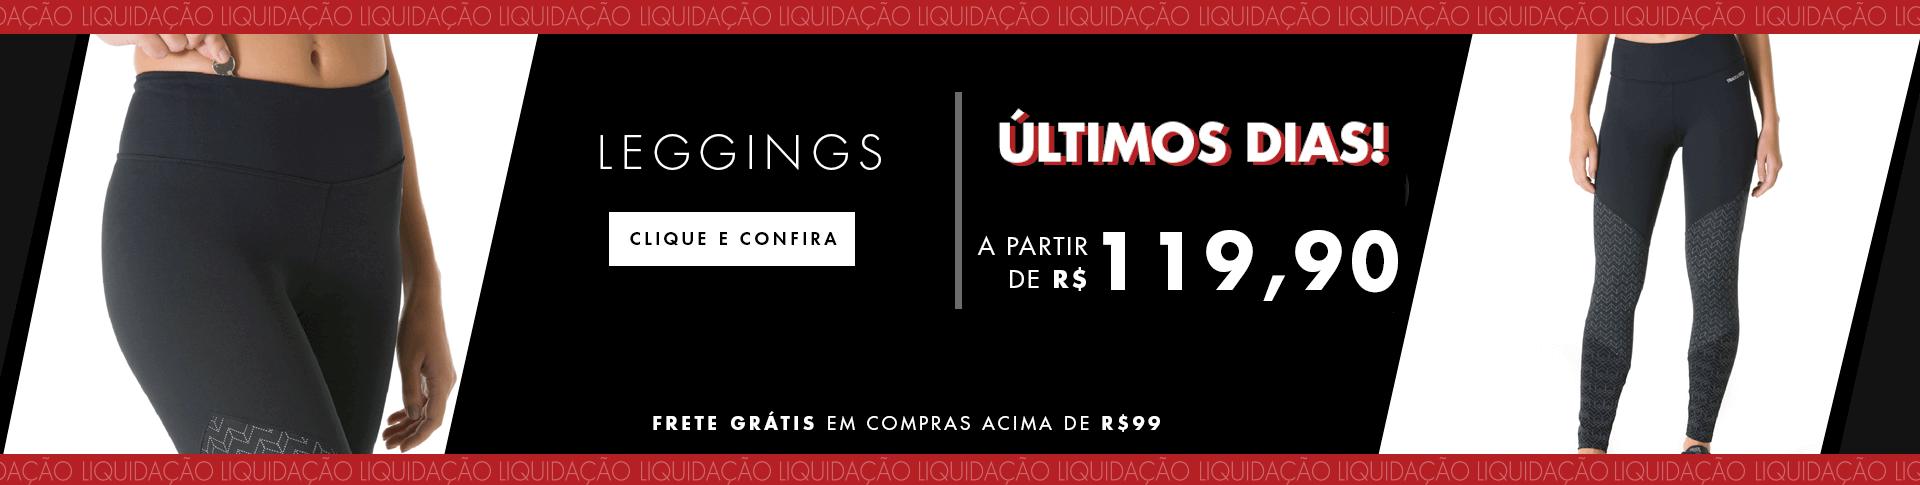 LEGGINGS ULTIMOS DIAS